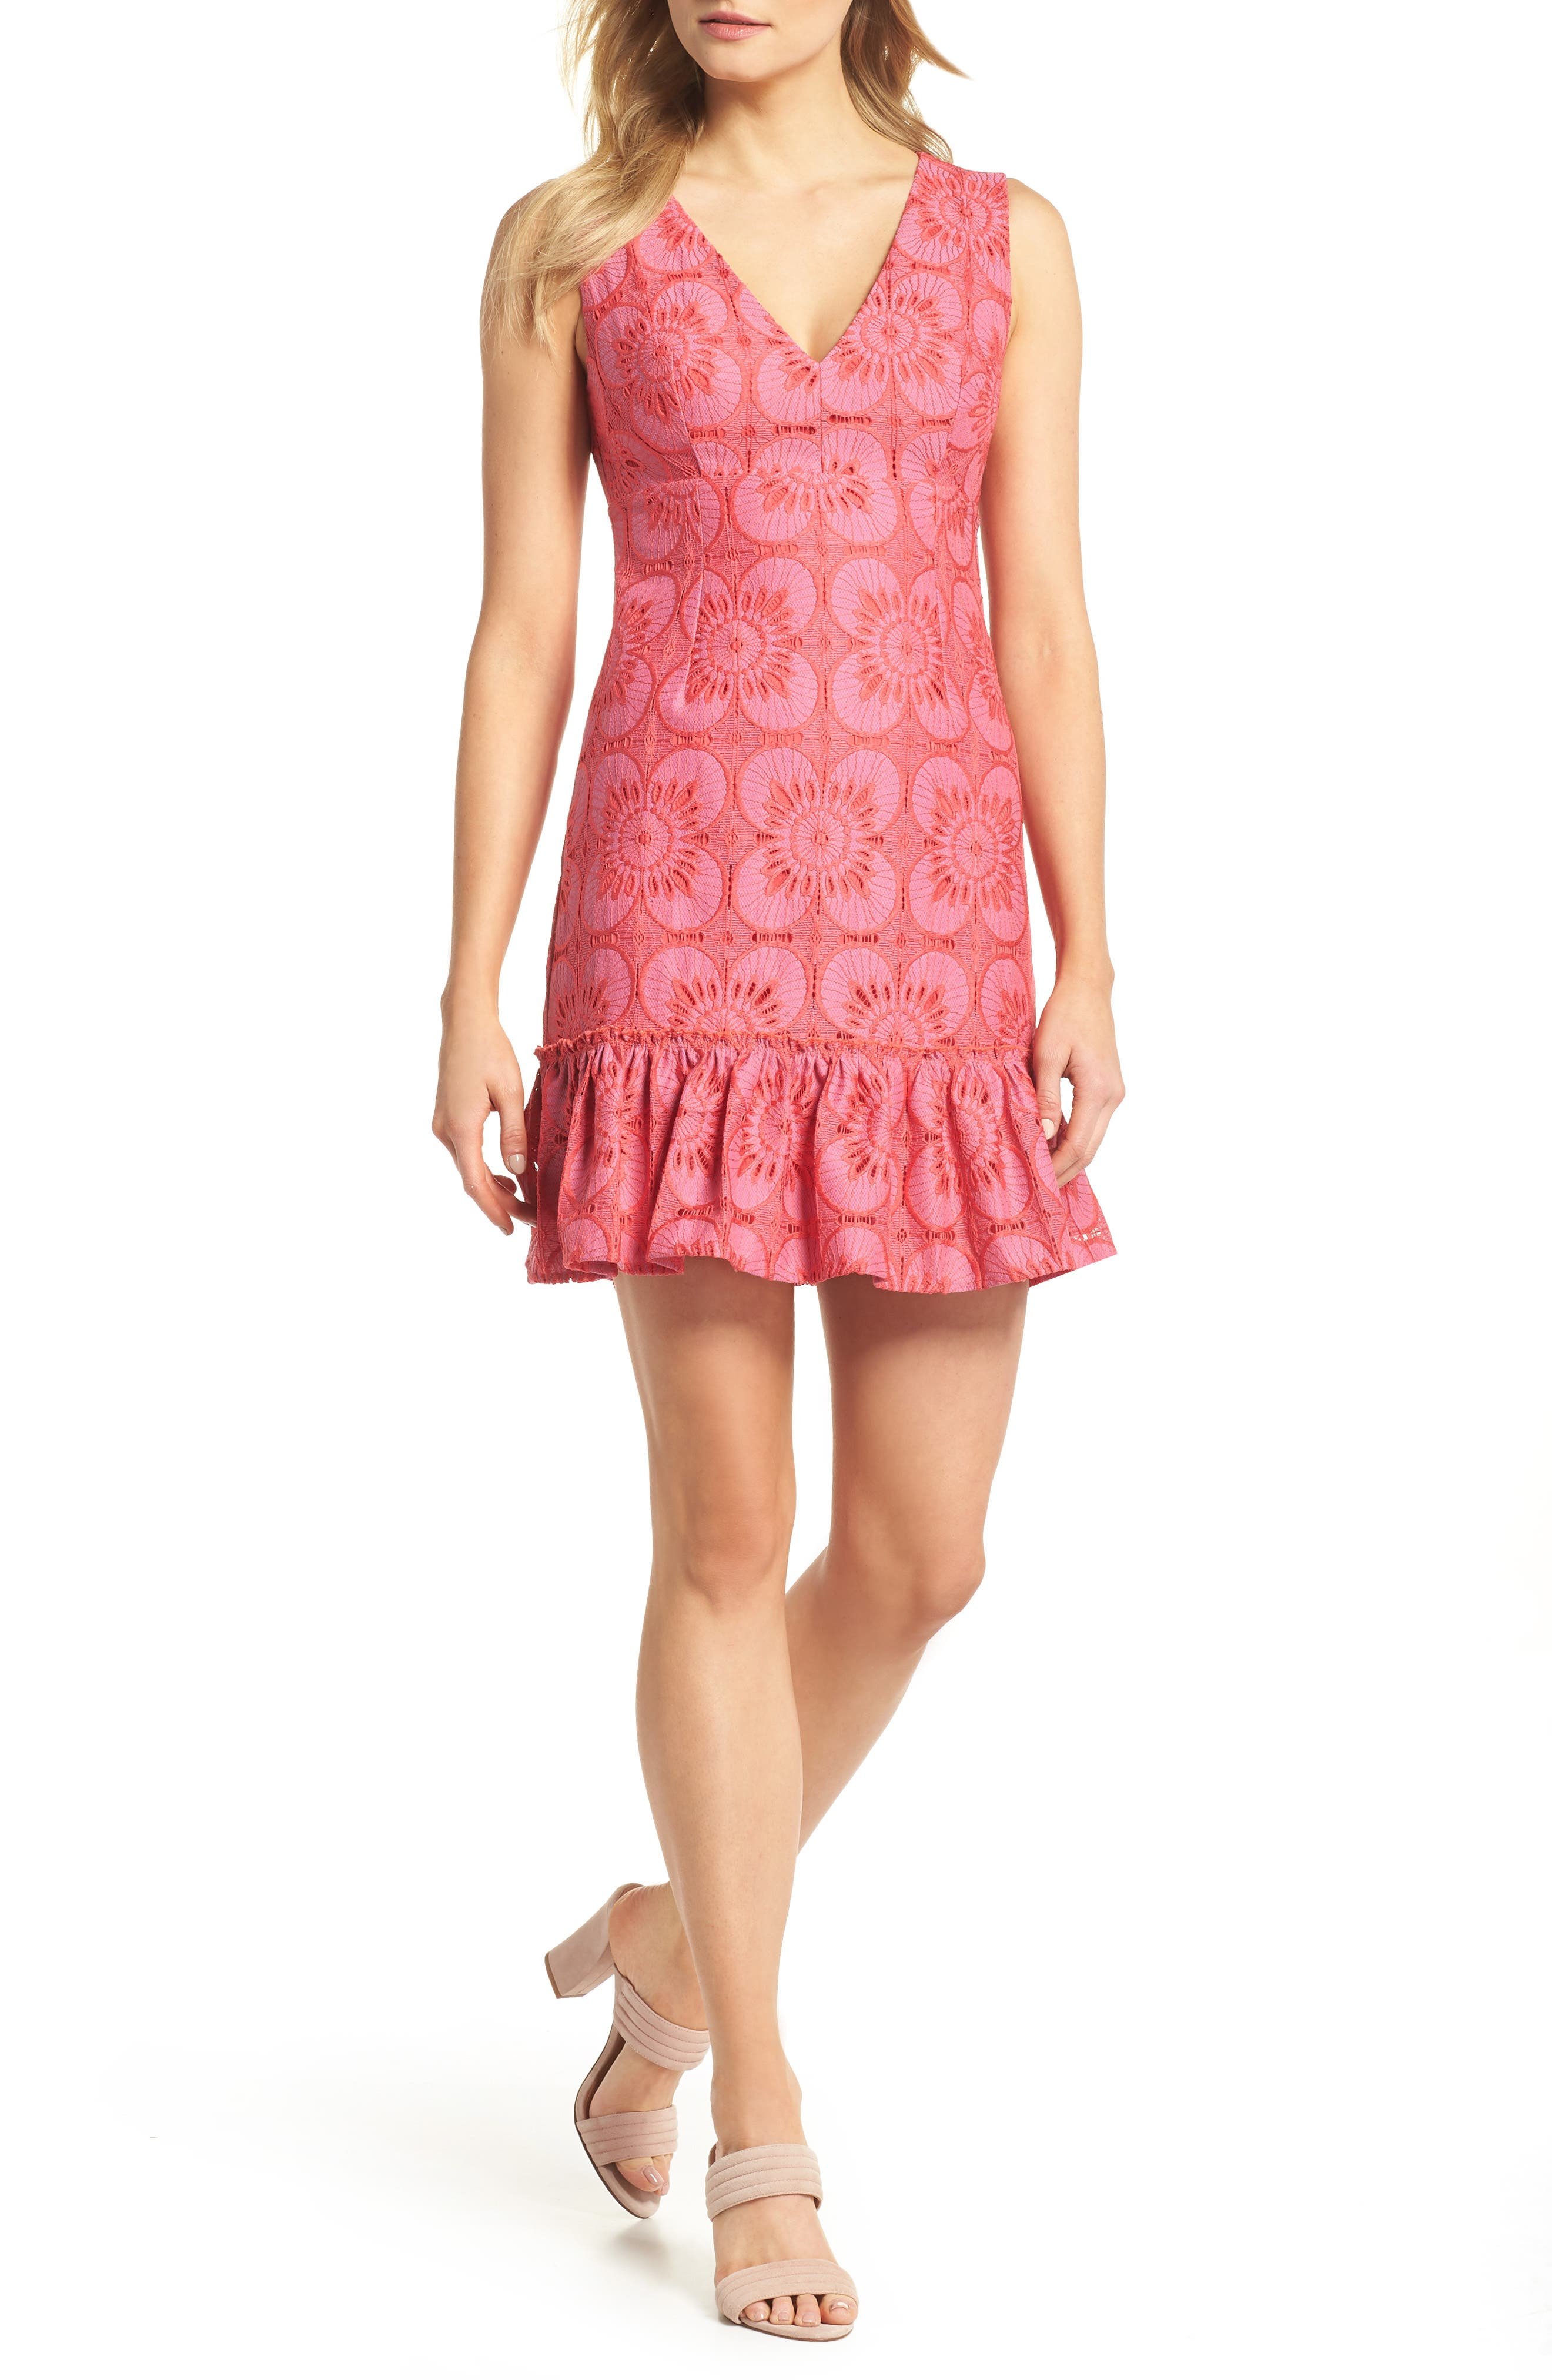 Carpinteria Lace Ruffle Hem Dress,                             Main thumbnail 1, color,                             650